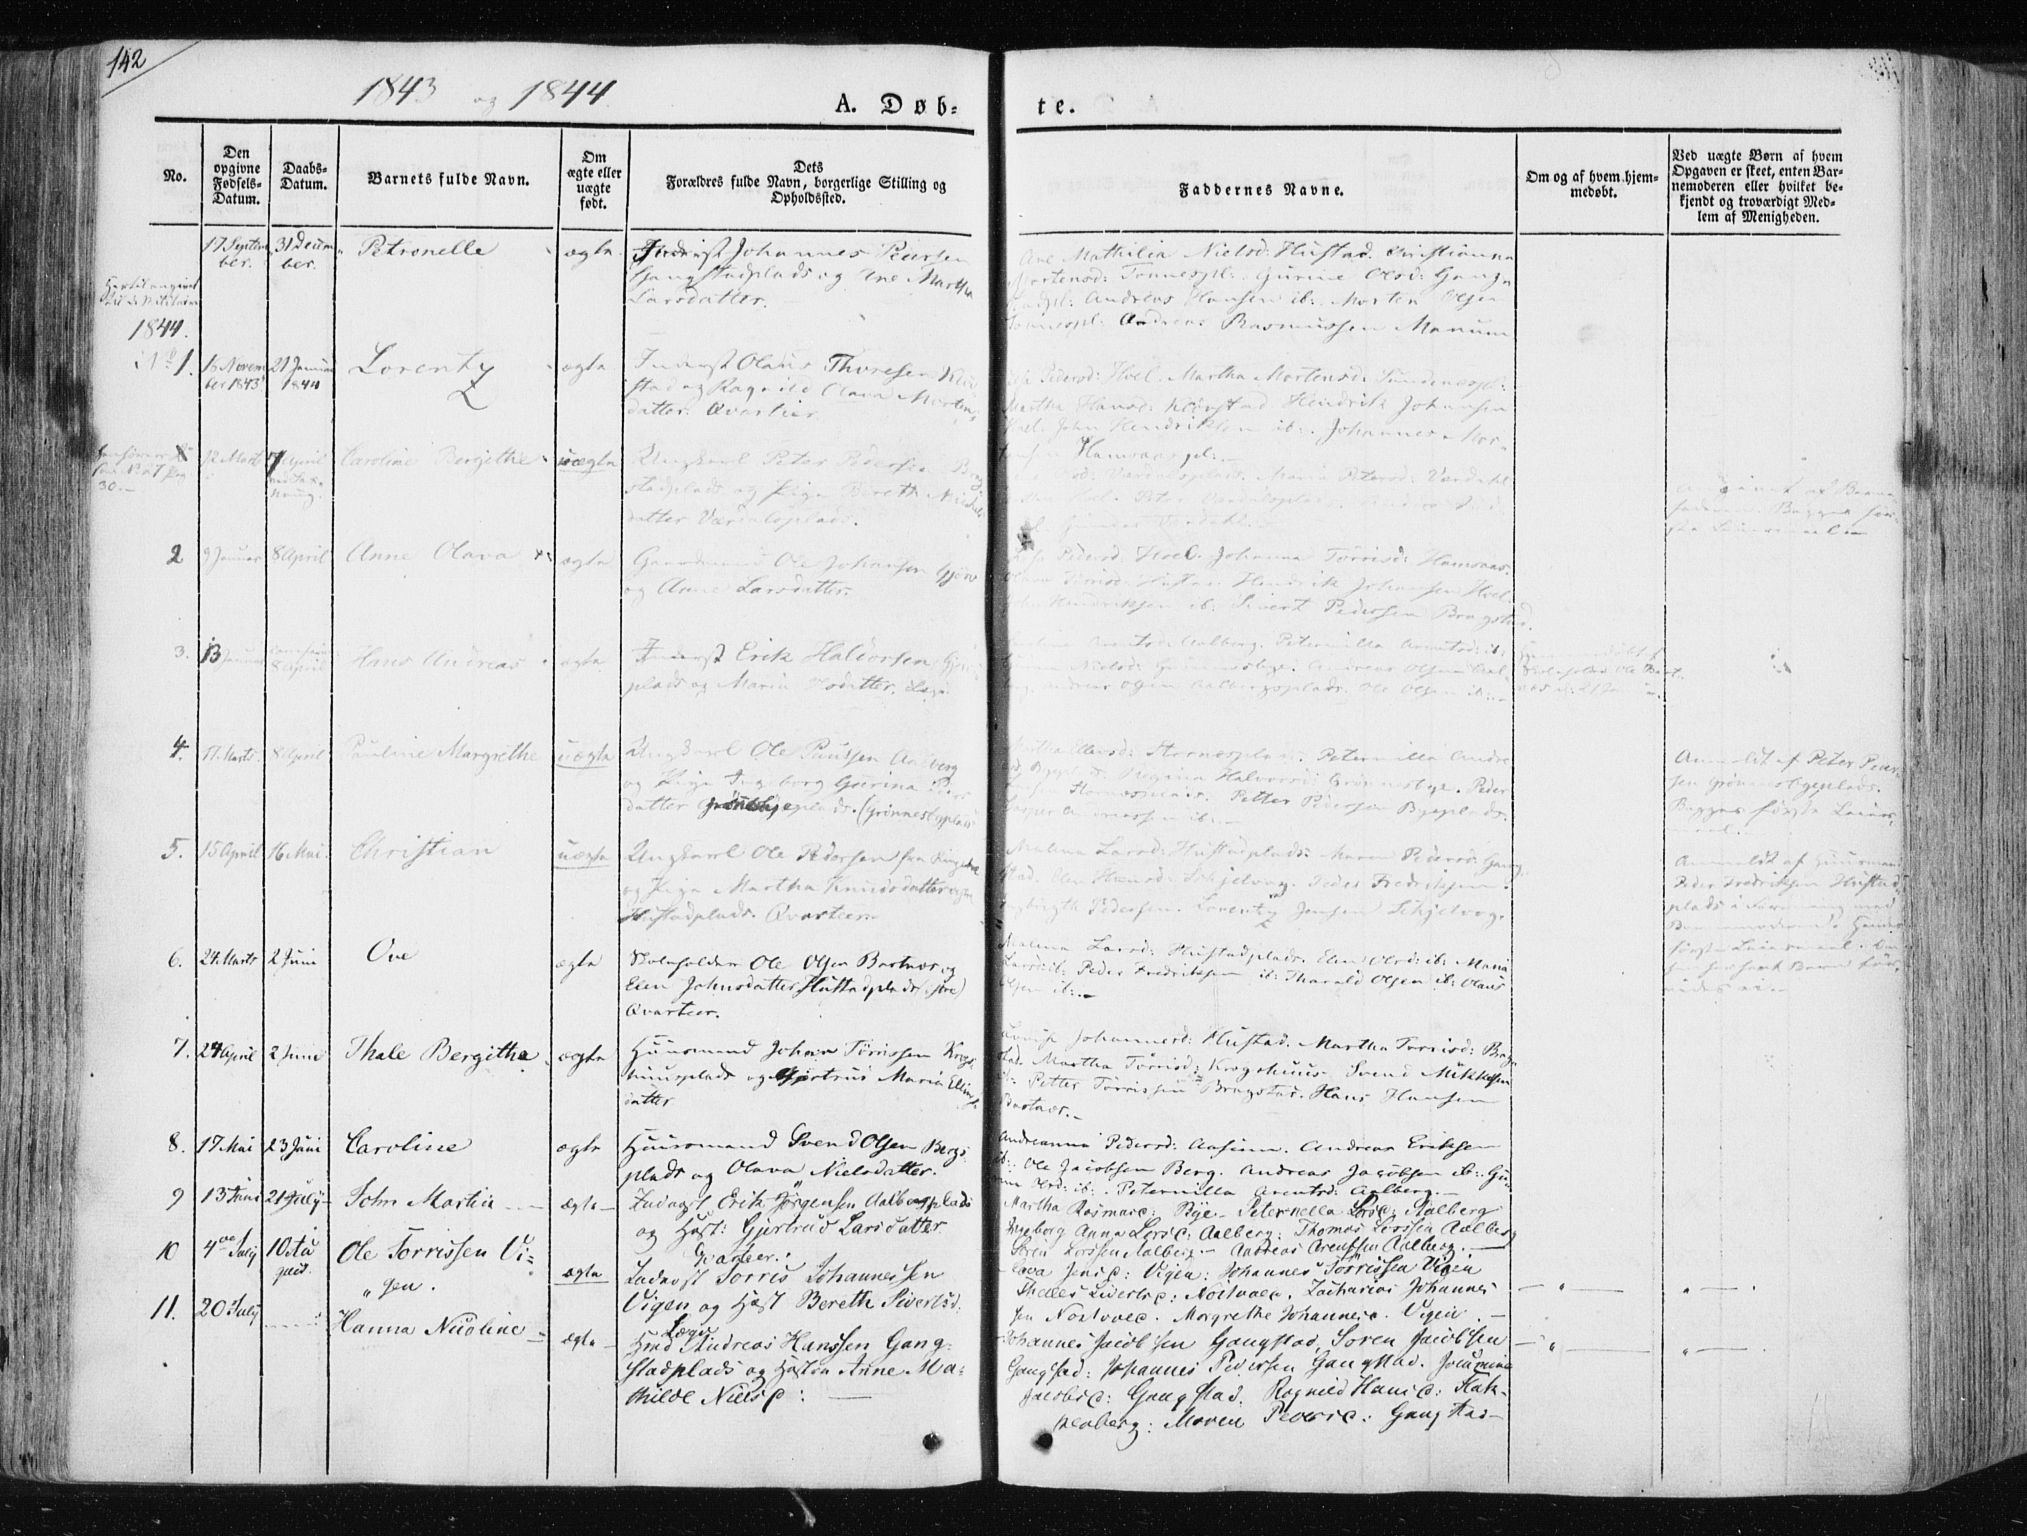 SAT, Ministerialprotokoller, klokkerbøker og fødselsregistre - Nord-Trøndelag, 730/L0280: Ministerialbok nr. 730A07 /3, 1840-1854, s. 142